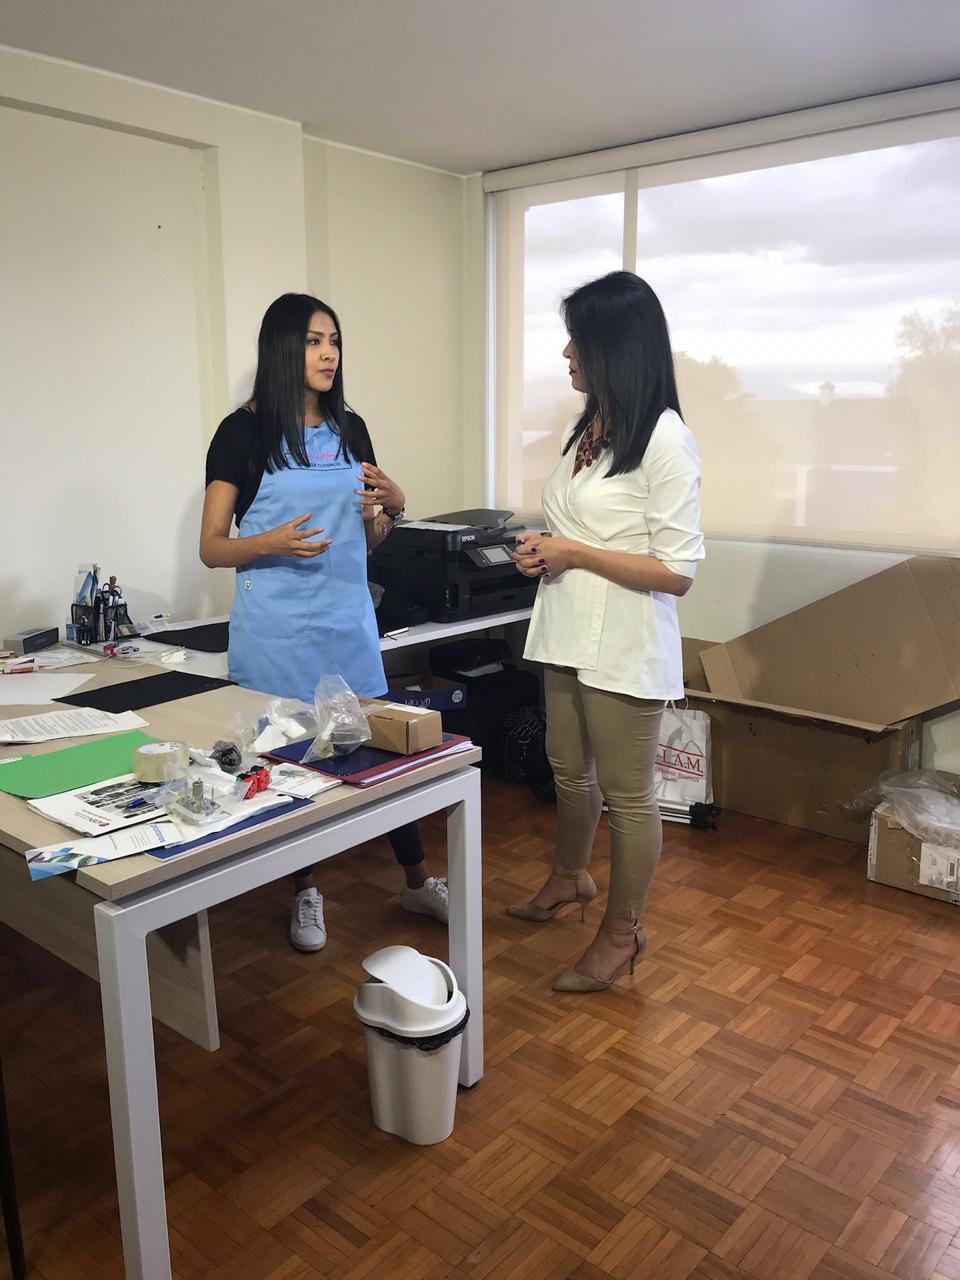 La organización de espacios en el Ecuador